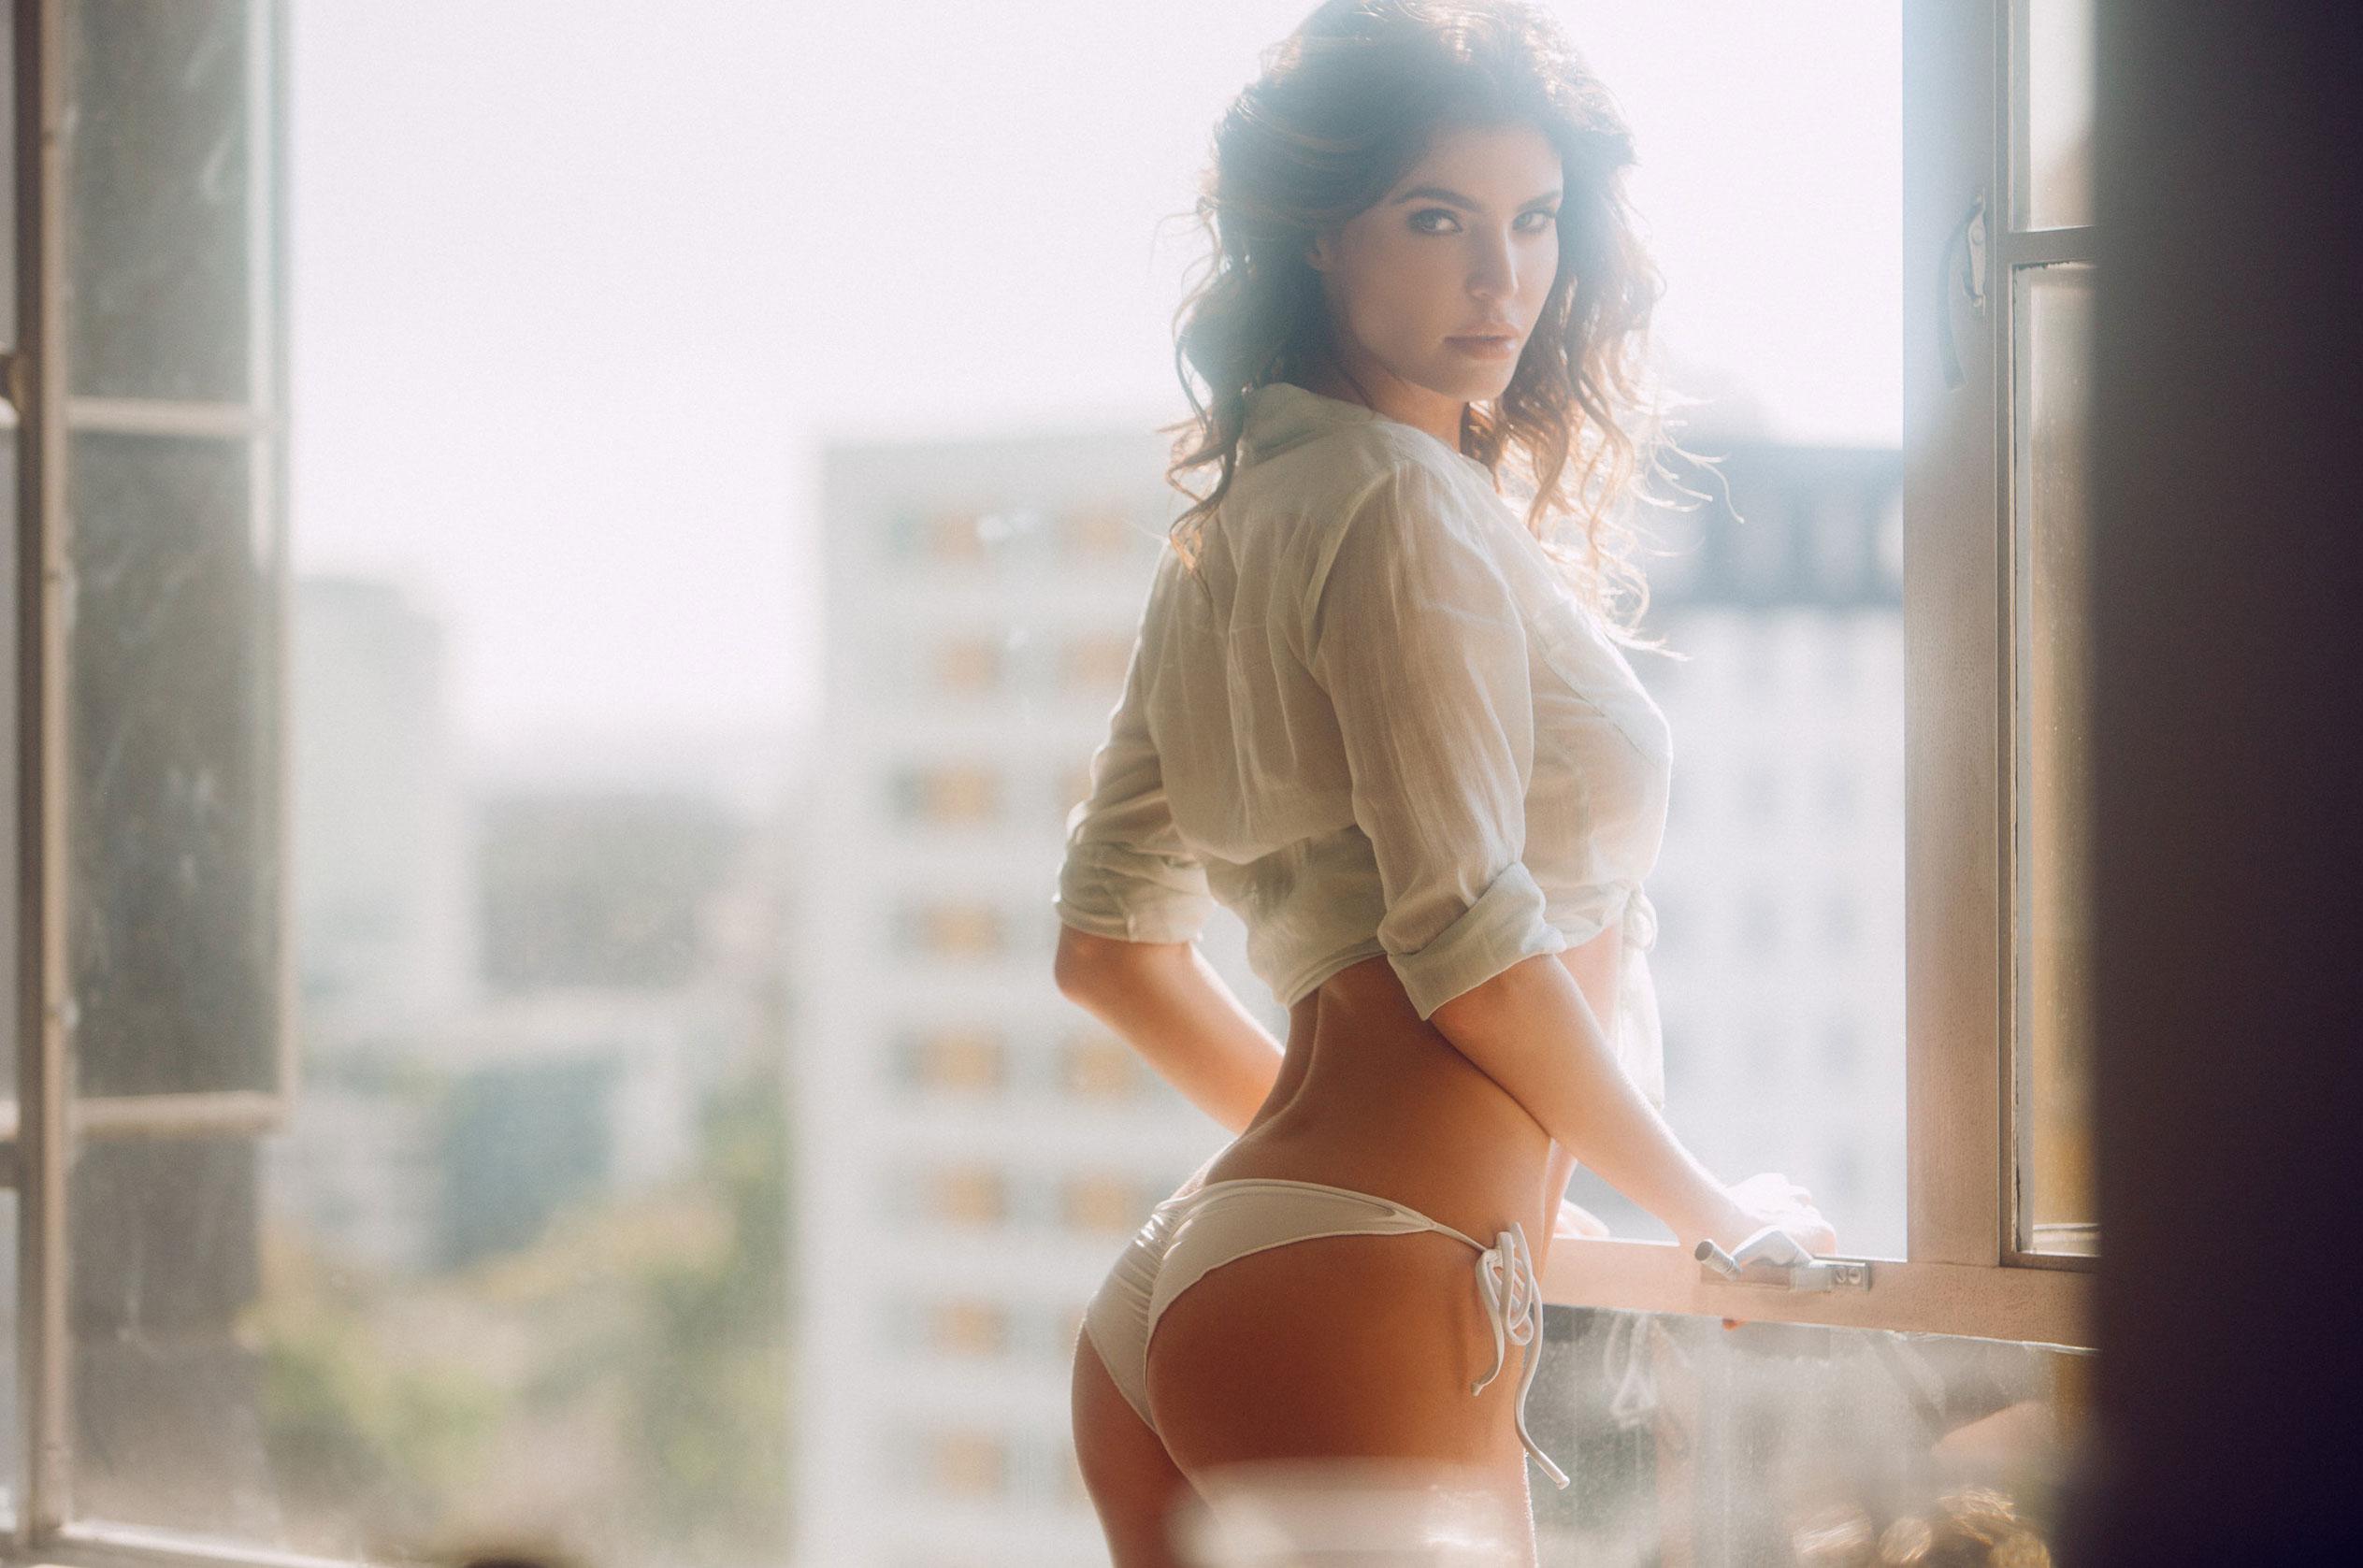 Юлия Лескова в люксовом французском нижнем белье / фото 02